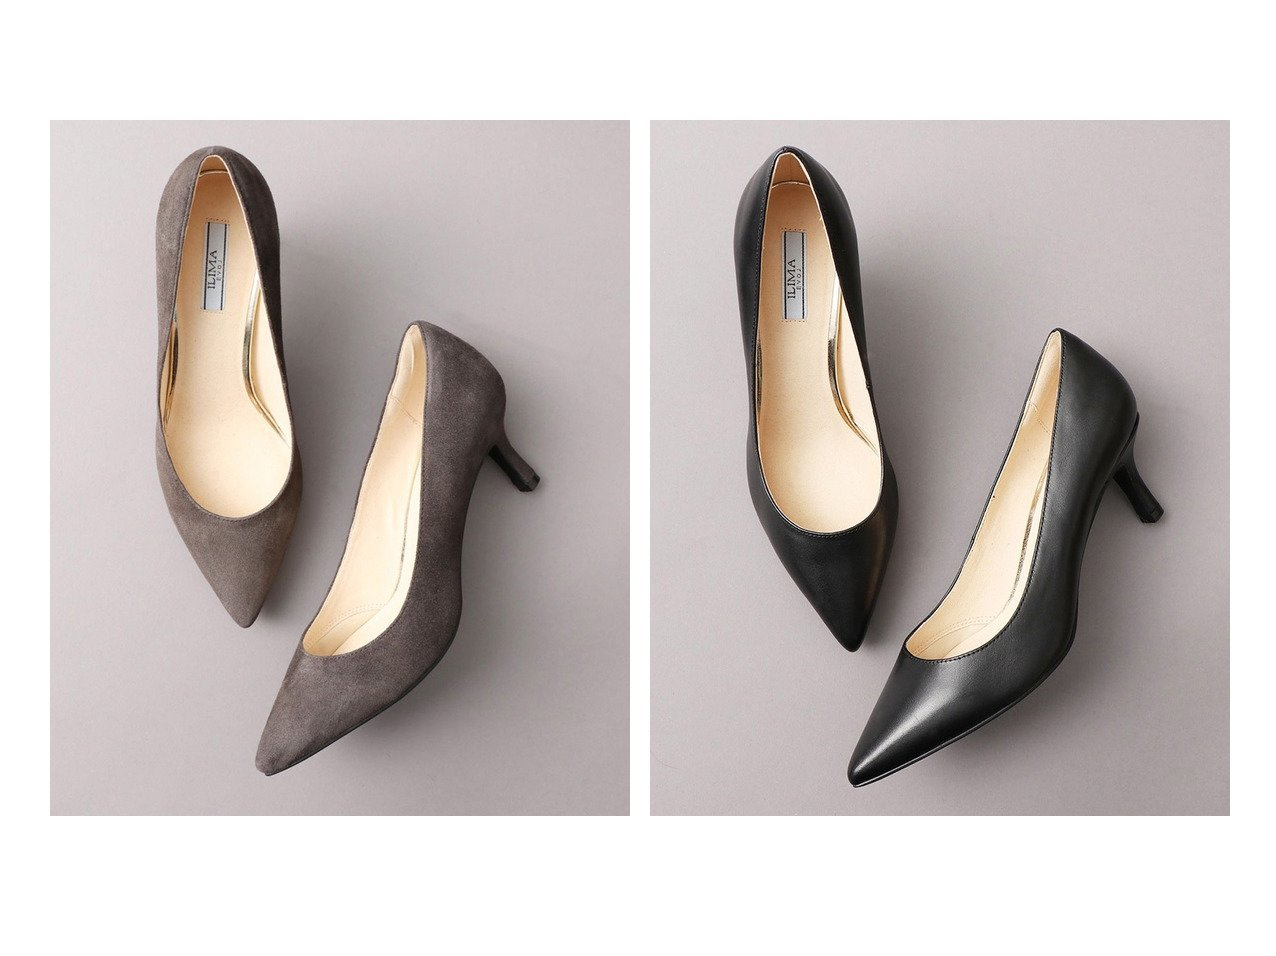 【EVOL/イーボル】の【EVOL】本革6cmパンプスIP8062 【シューズ・靴】おすすめ!人気、トレンド・レディースファッションの通販 おすすめで人気の流行・トレンド、ファッションの通販商品 インテリア・家具・メンズファッション・キッズファッション・レディースファッション・服の通販 founy(ファニー) https://founy.com/ ファッション Fashion レディースファッション WOMEN シューズ  ID:crp329100000052536